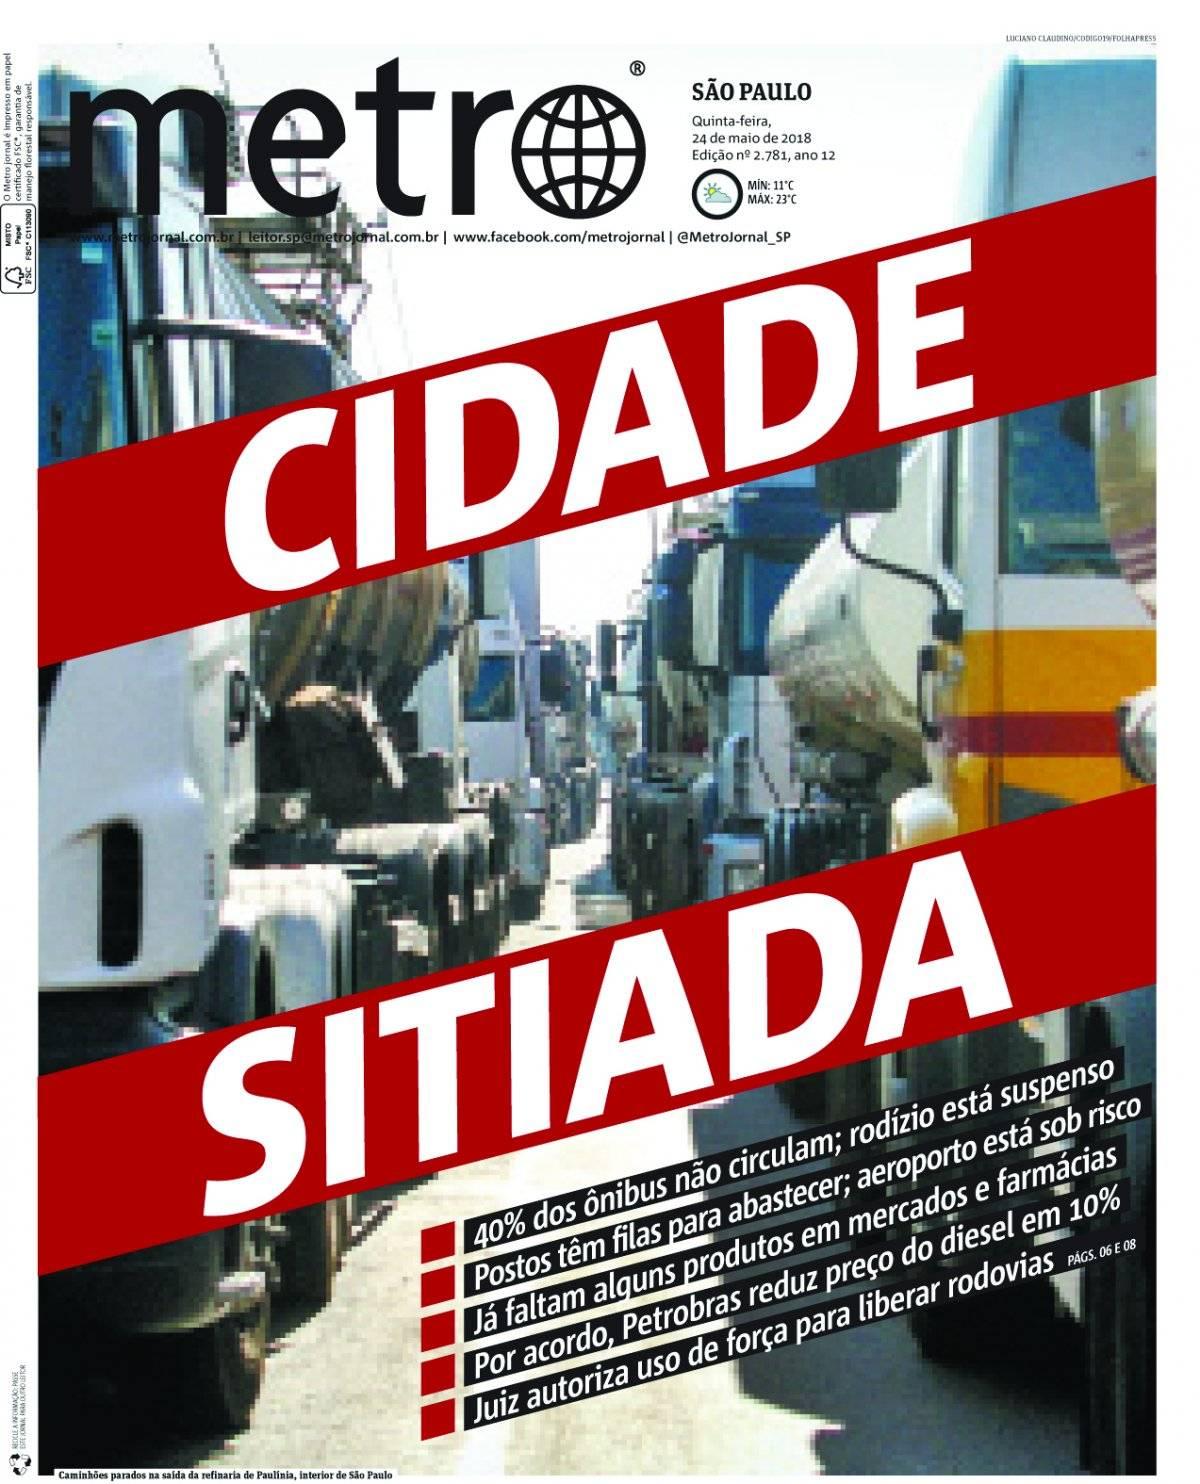 24 de maio. A greve dos caminhoneiros pegou o governo de surpresa e travou o país; as consequências se estenderam por todo o ano